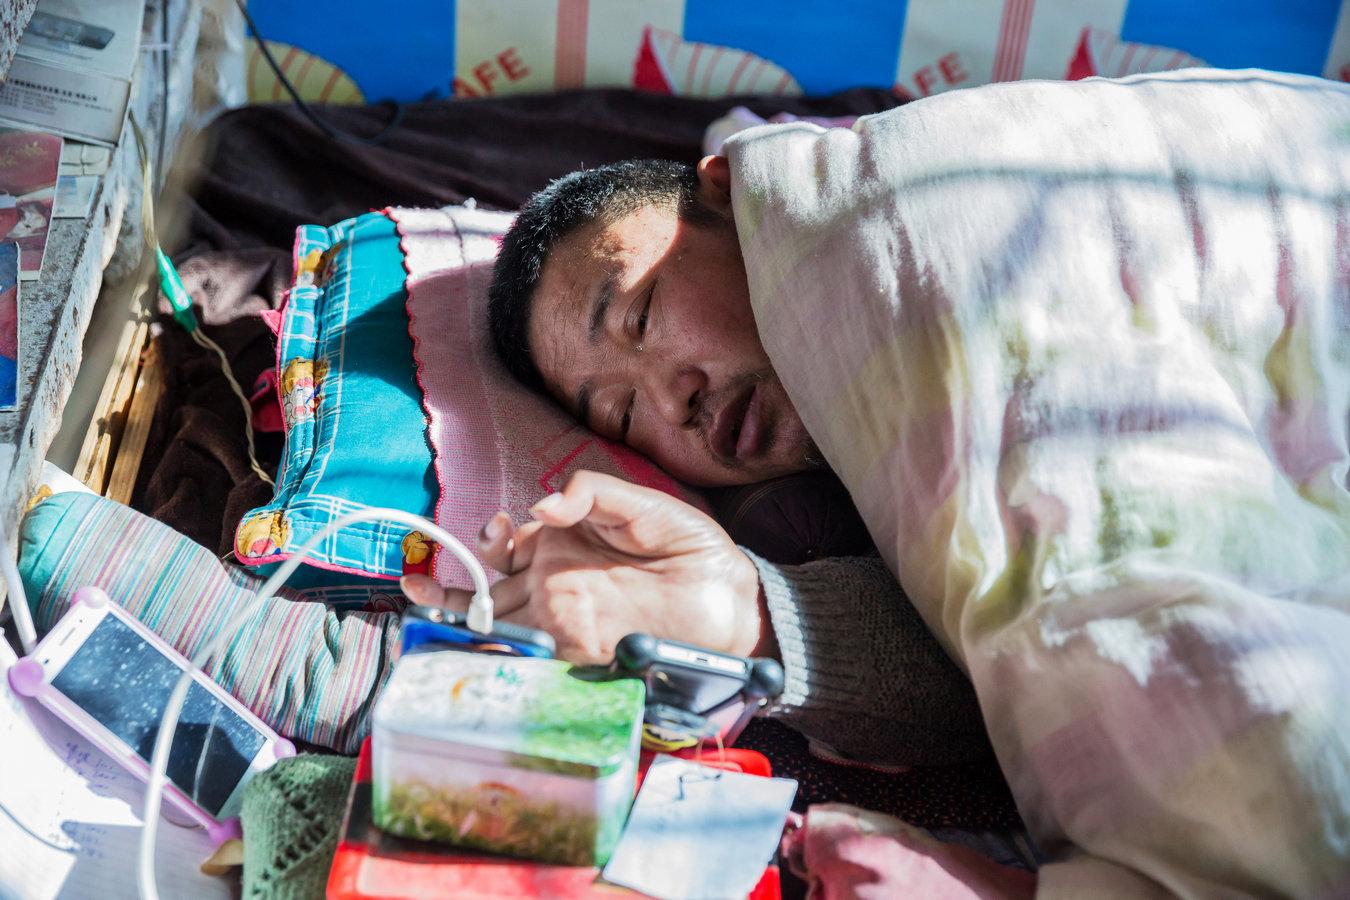 山东农村47岁男子受伤瘫痪 用1根小拇指敲出脱贫致富路